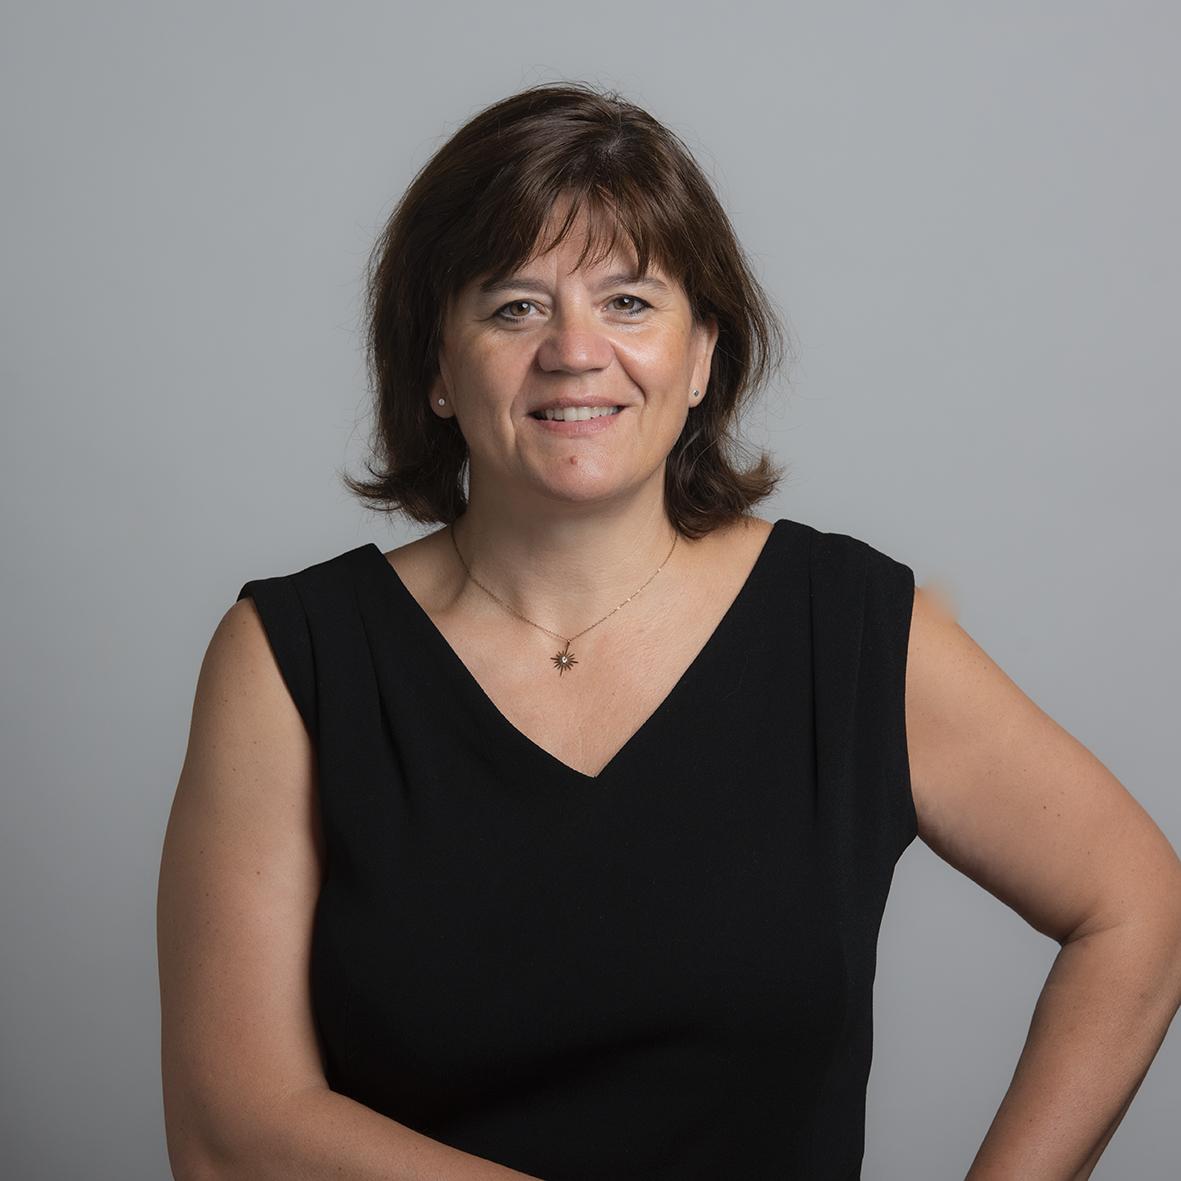 Carole Michalland